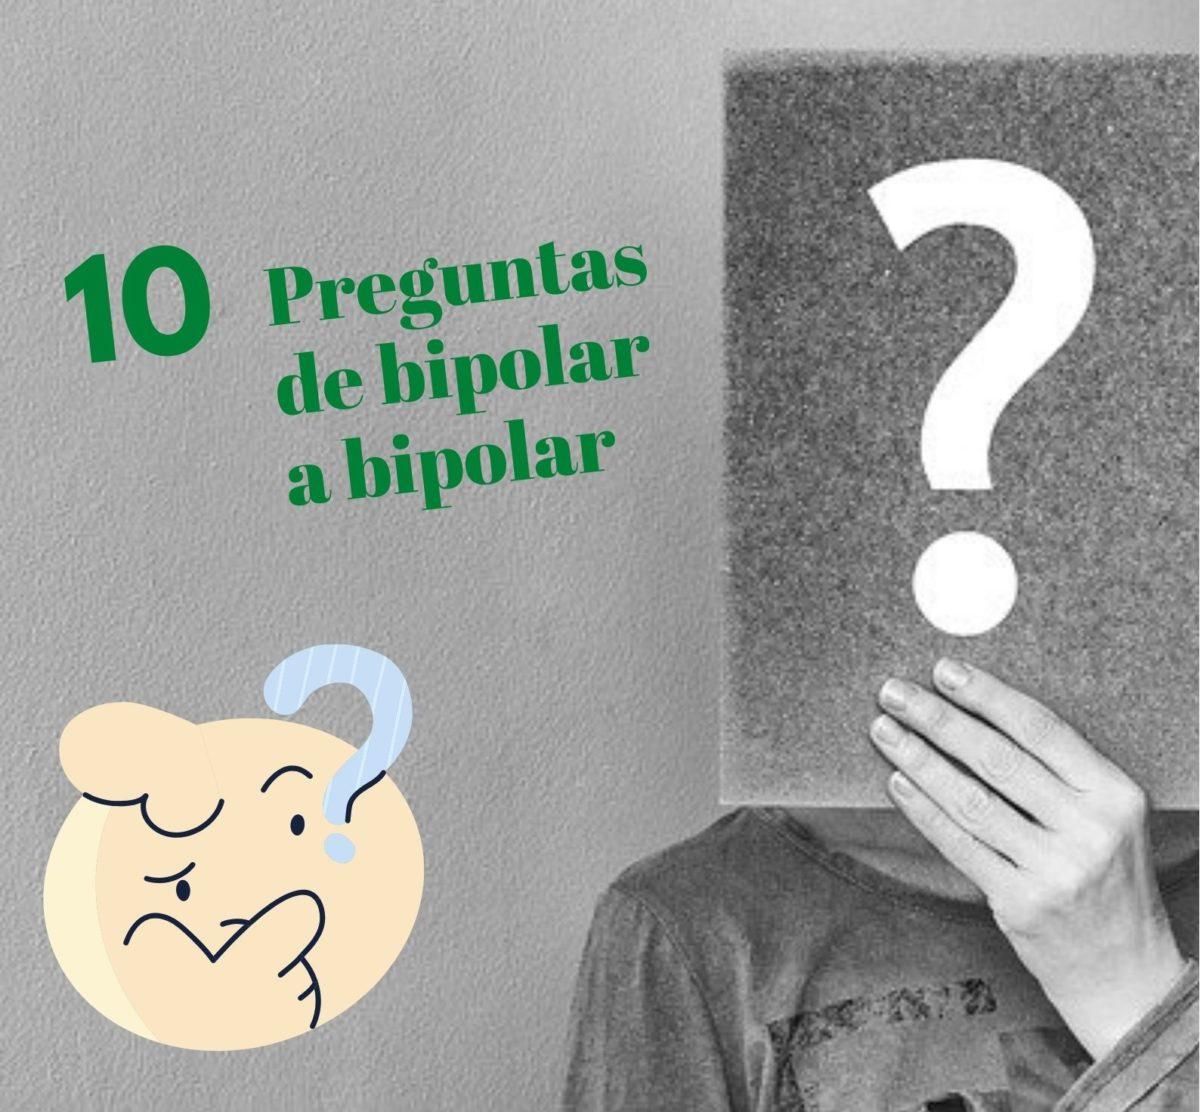 🔟 preguntas de bipolar a bipolar 🎭❓